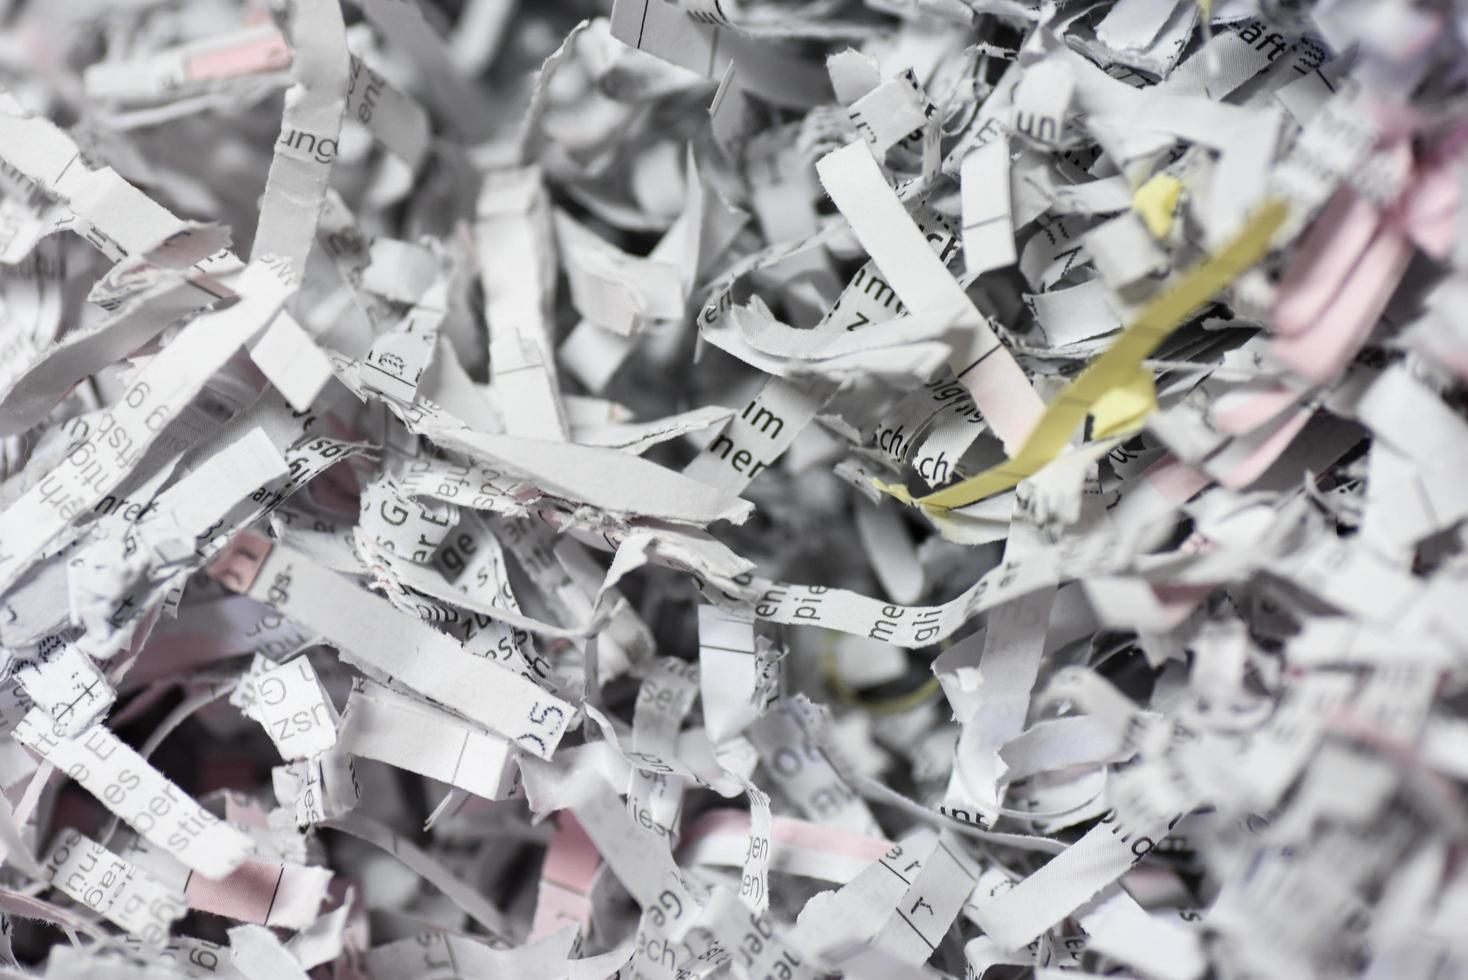 cartas y documentos triturados foto